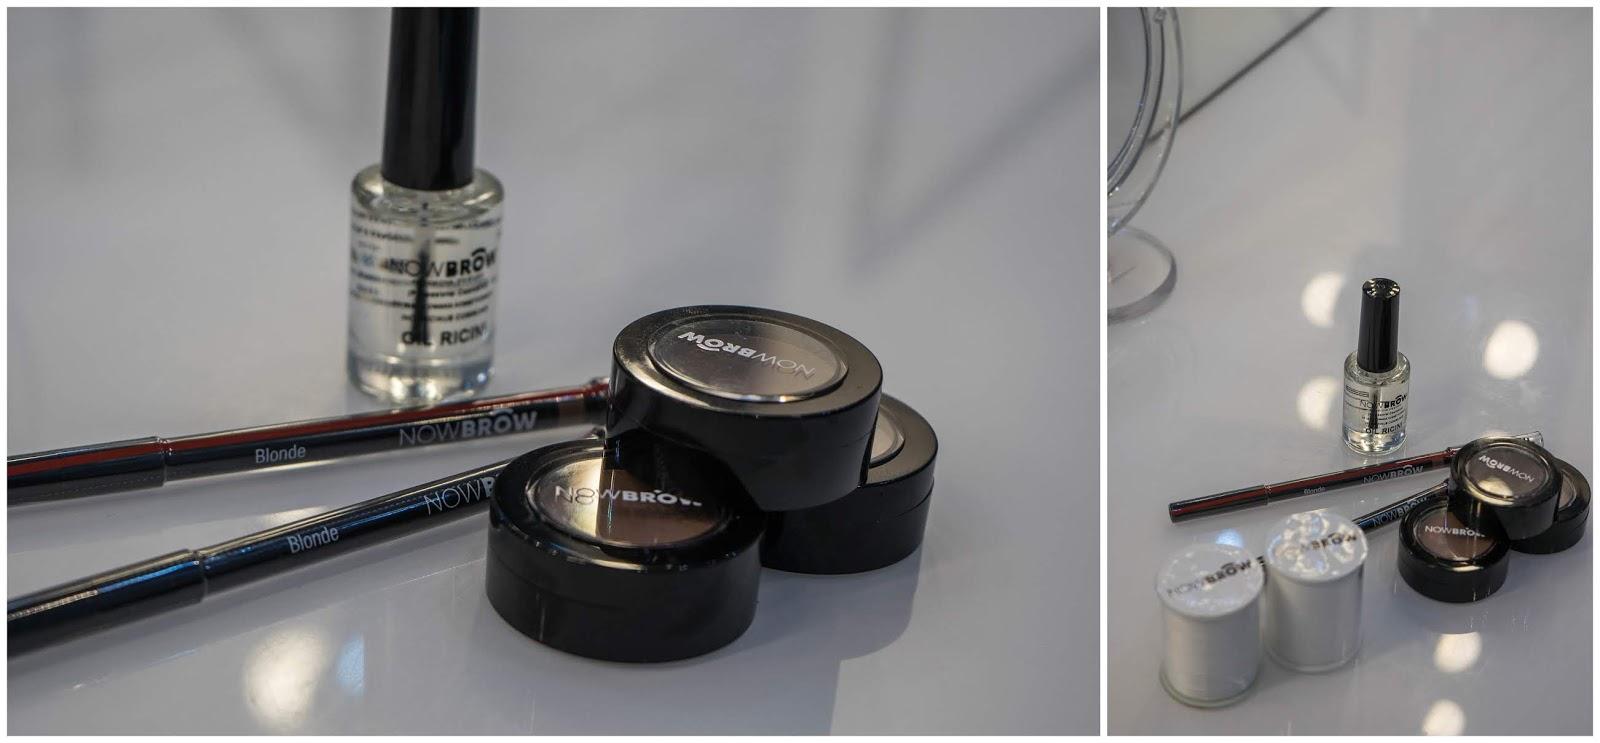 3 kosmetyki nowbrow łódź pomady do brwi balsam olejek rycynowy łódź salon now brow kiedy czynne opinia jakość